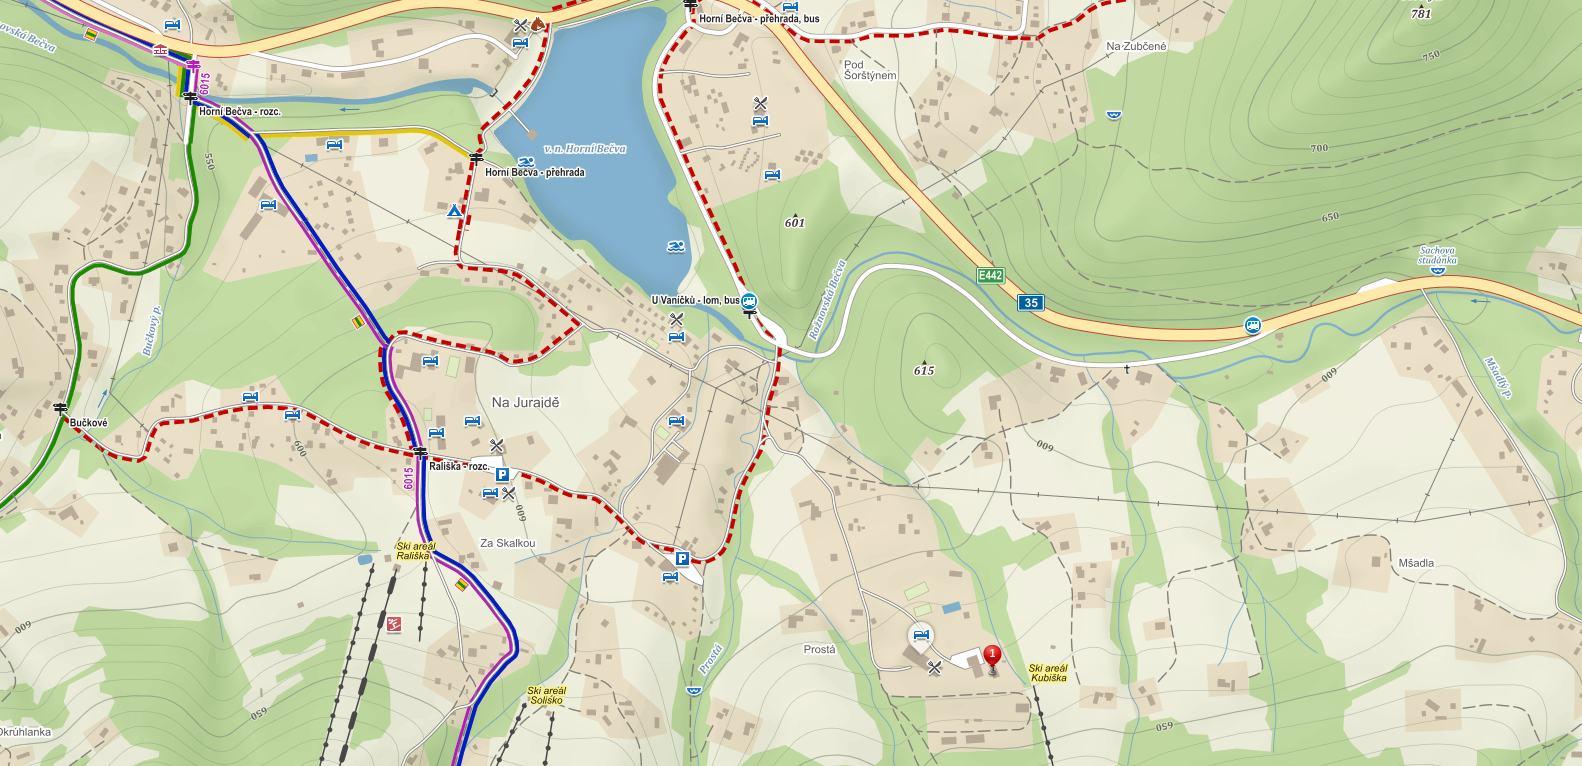 Mapa Test centrum Duo, Horní Bečva